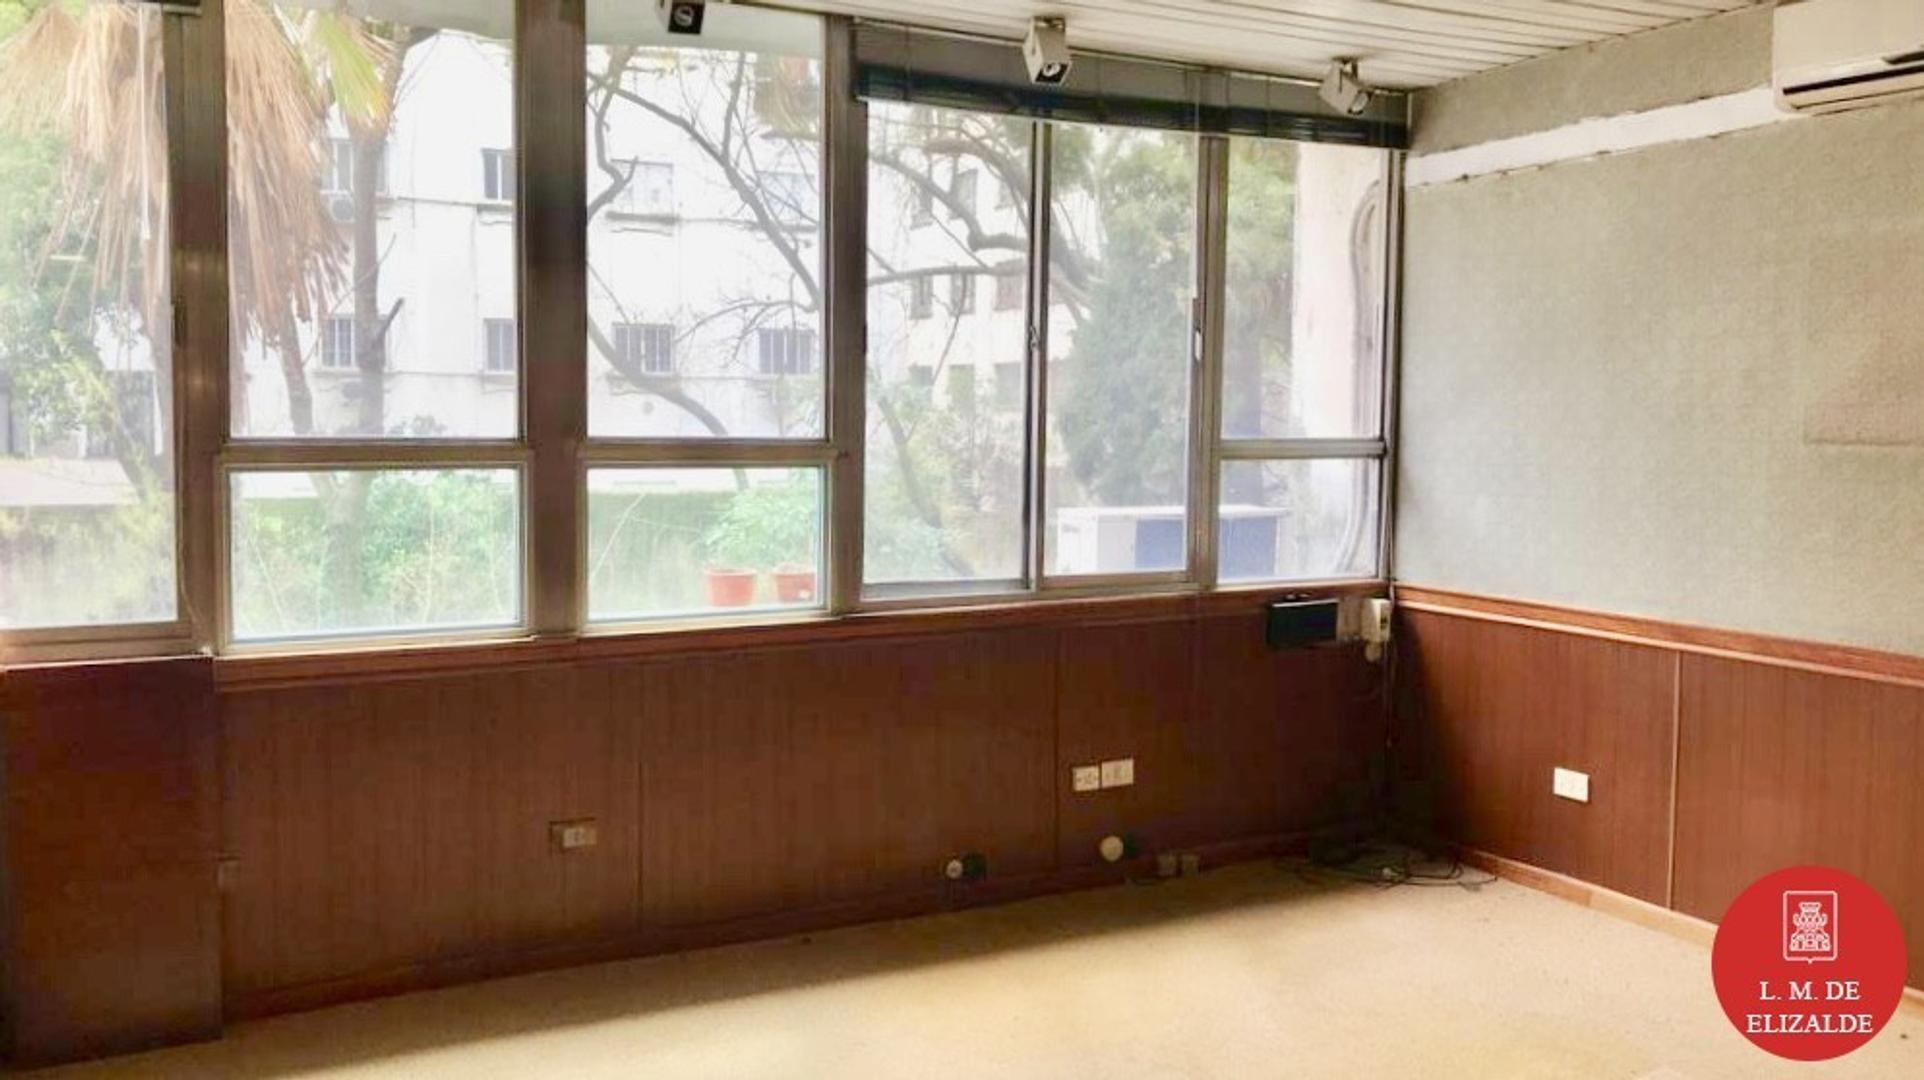 Excelente depto 100 m2 - Luz y vista a pulmón - Tucuman y 25 de Mayo